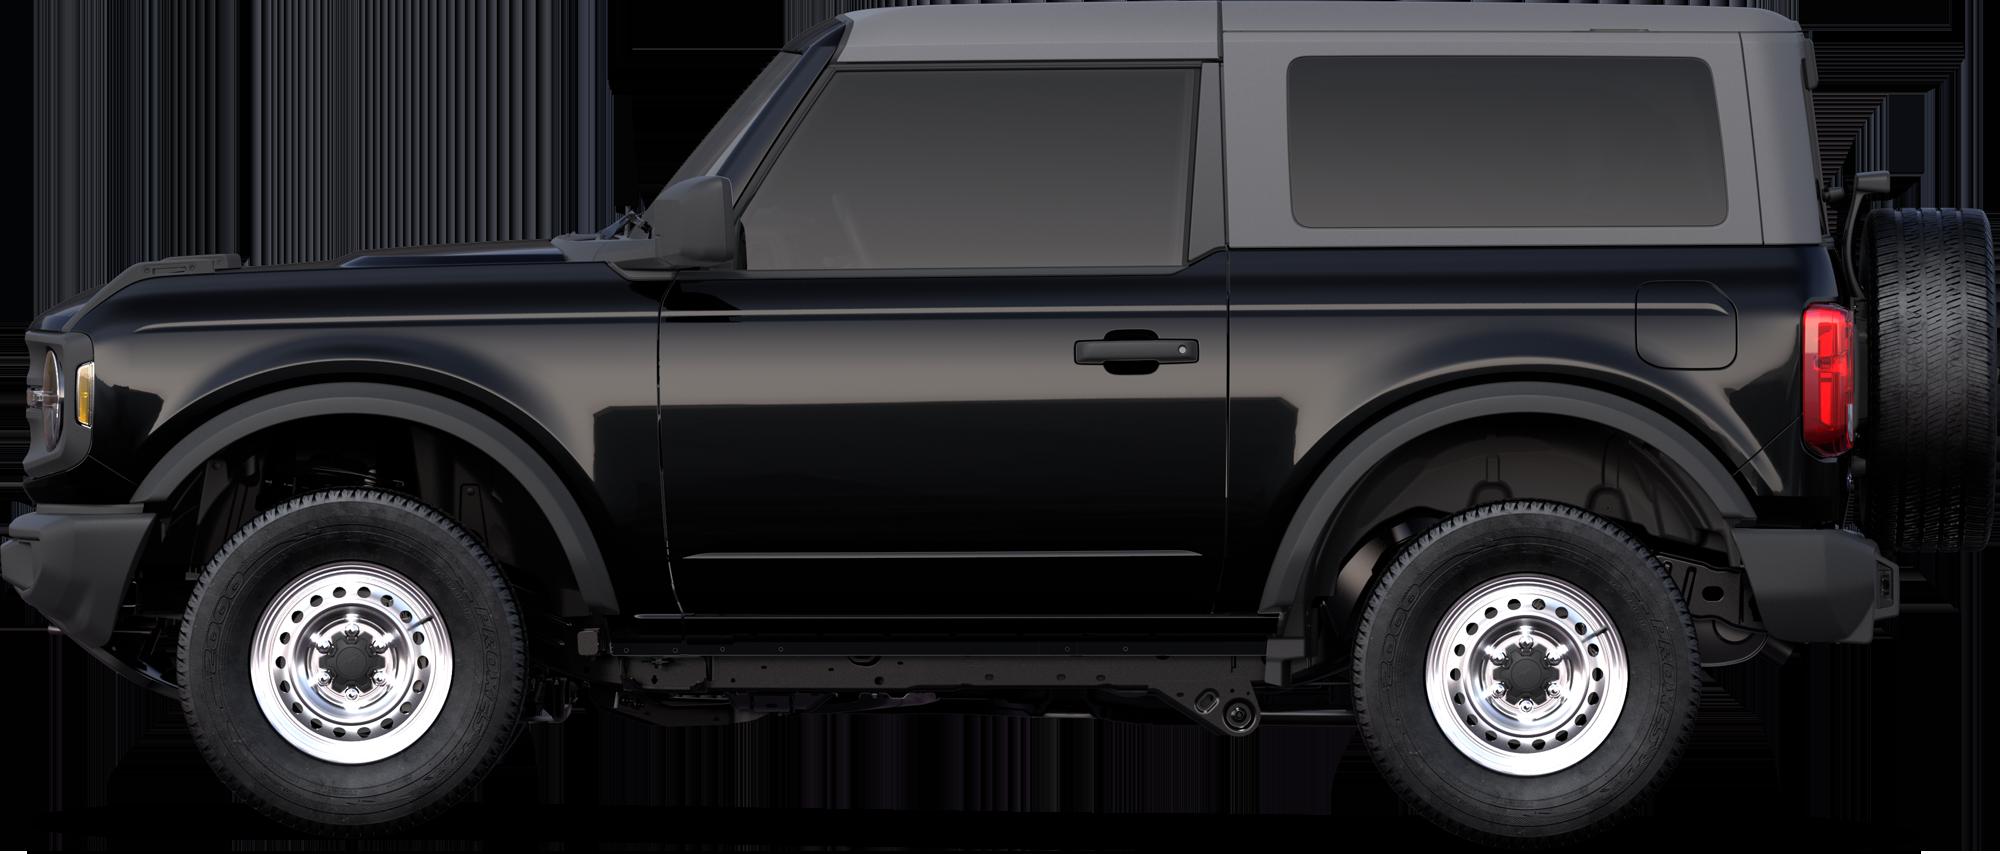 2021 Ford Bronco SUV Base